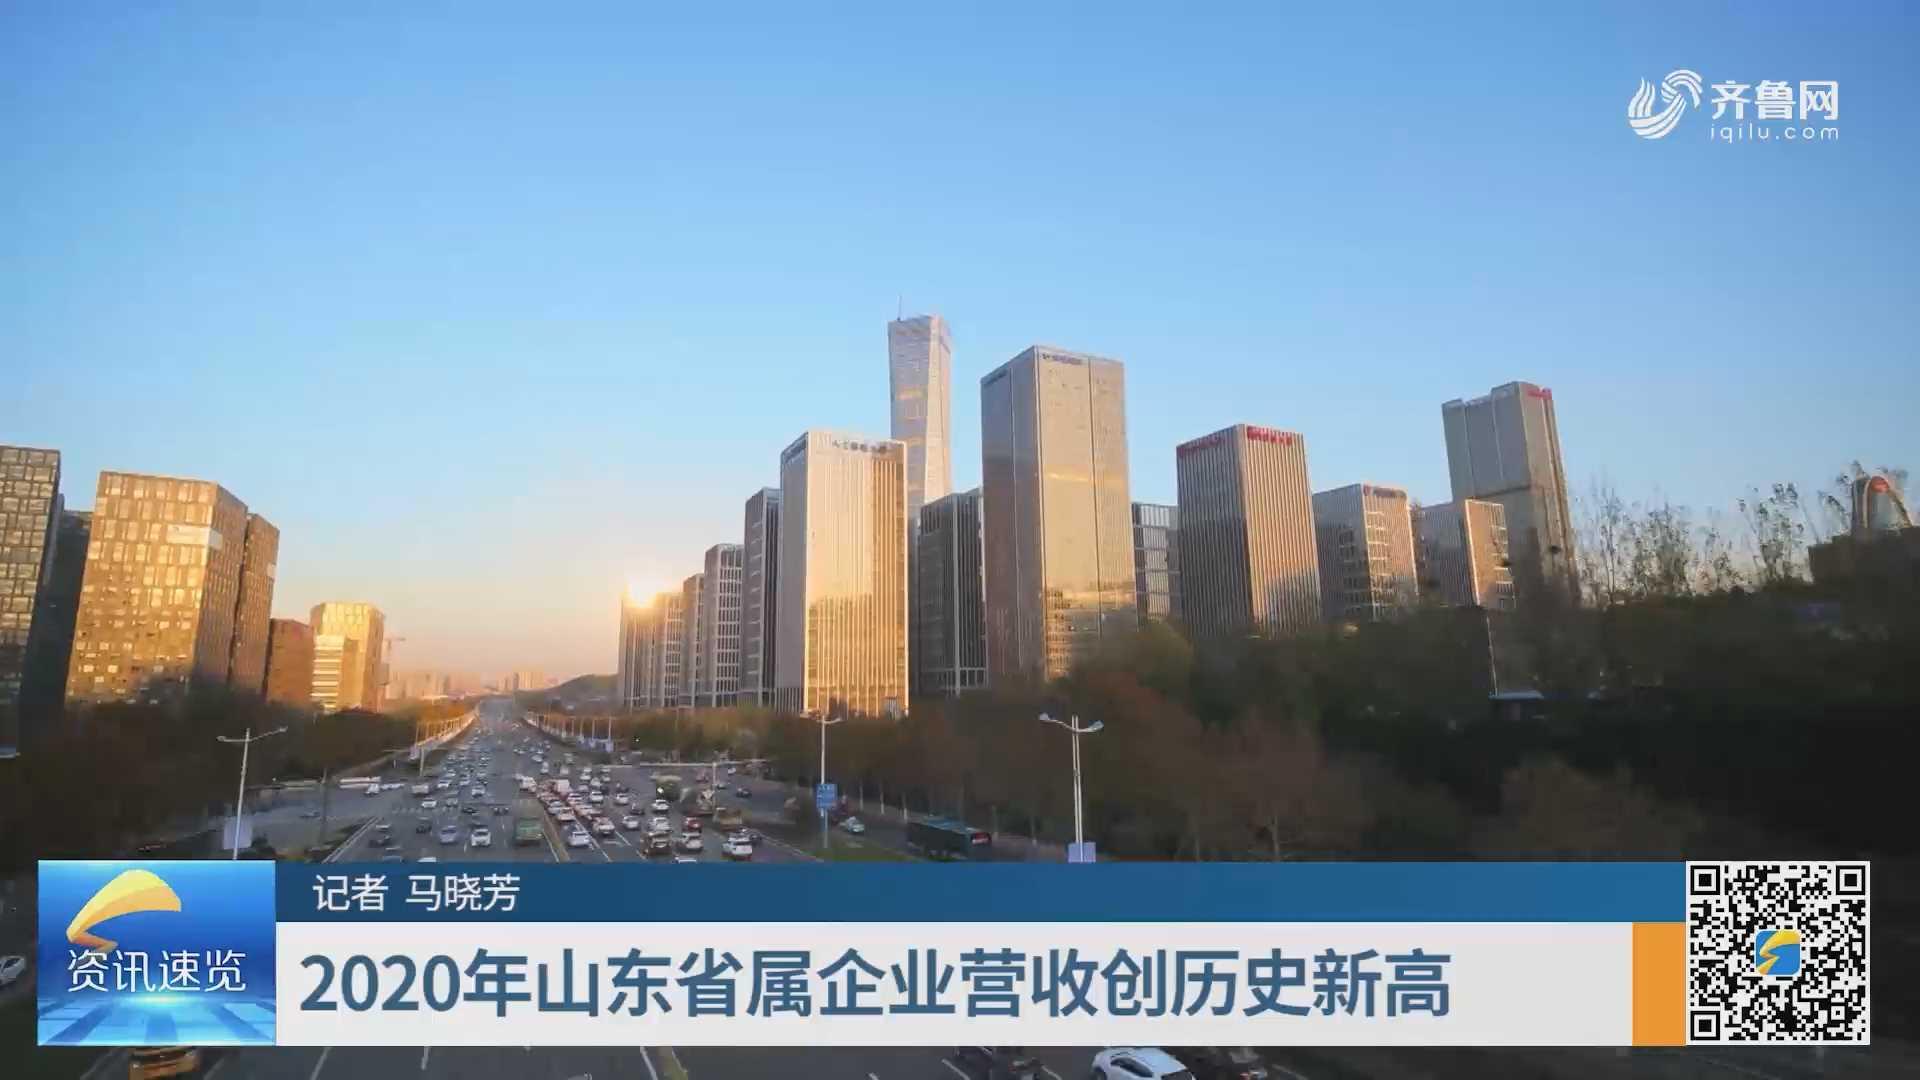 2020年山东省属企业营收创历史新高